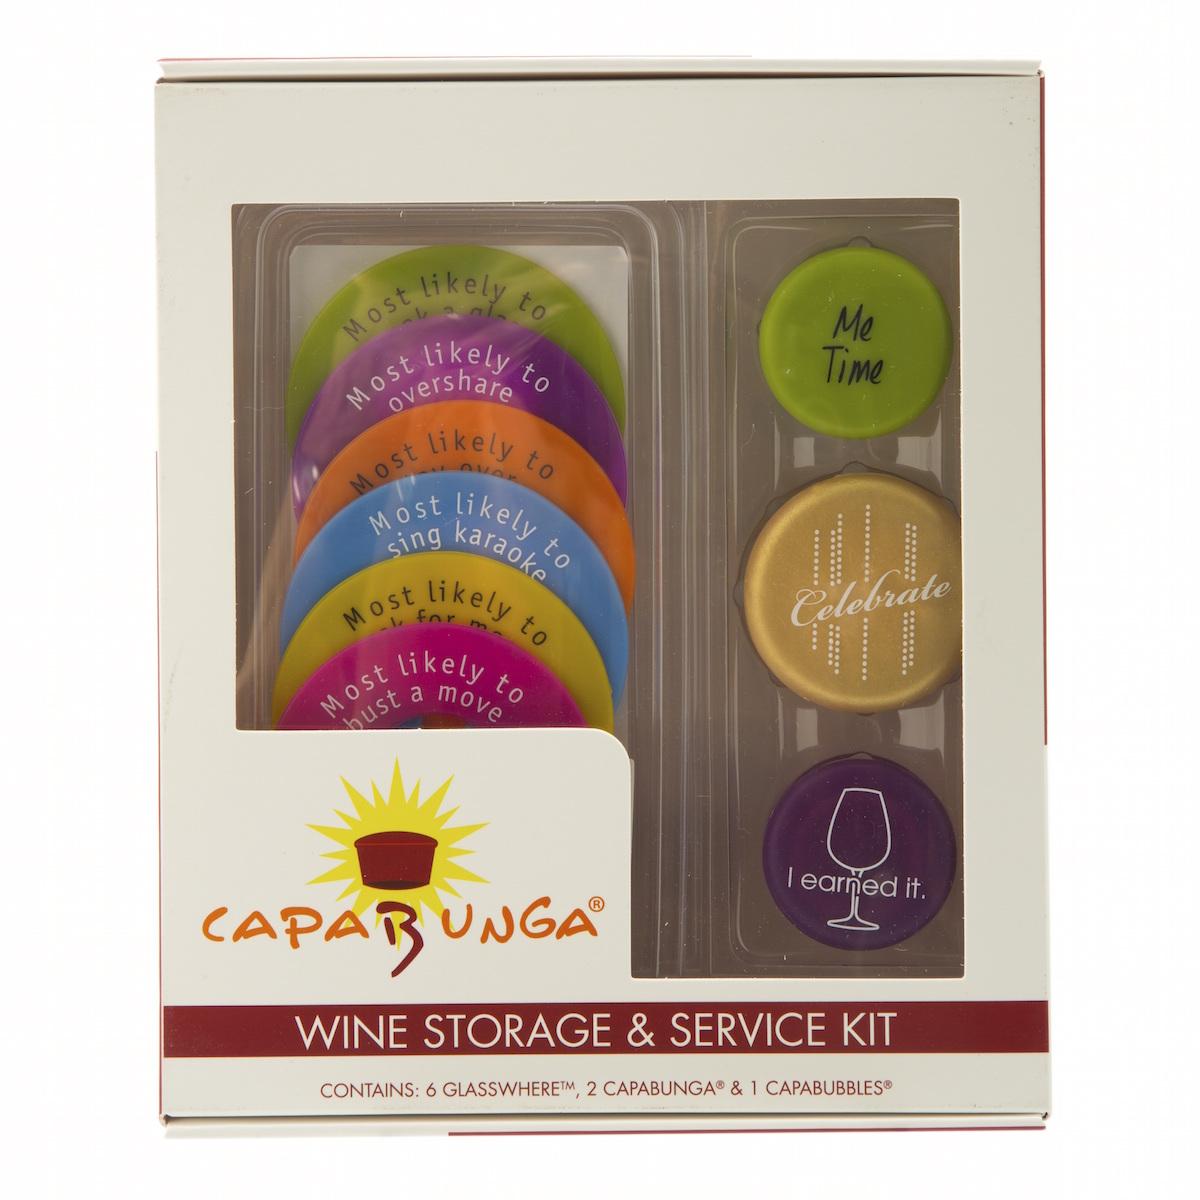 capabunga wine storage & service kit